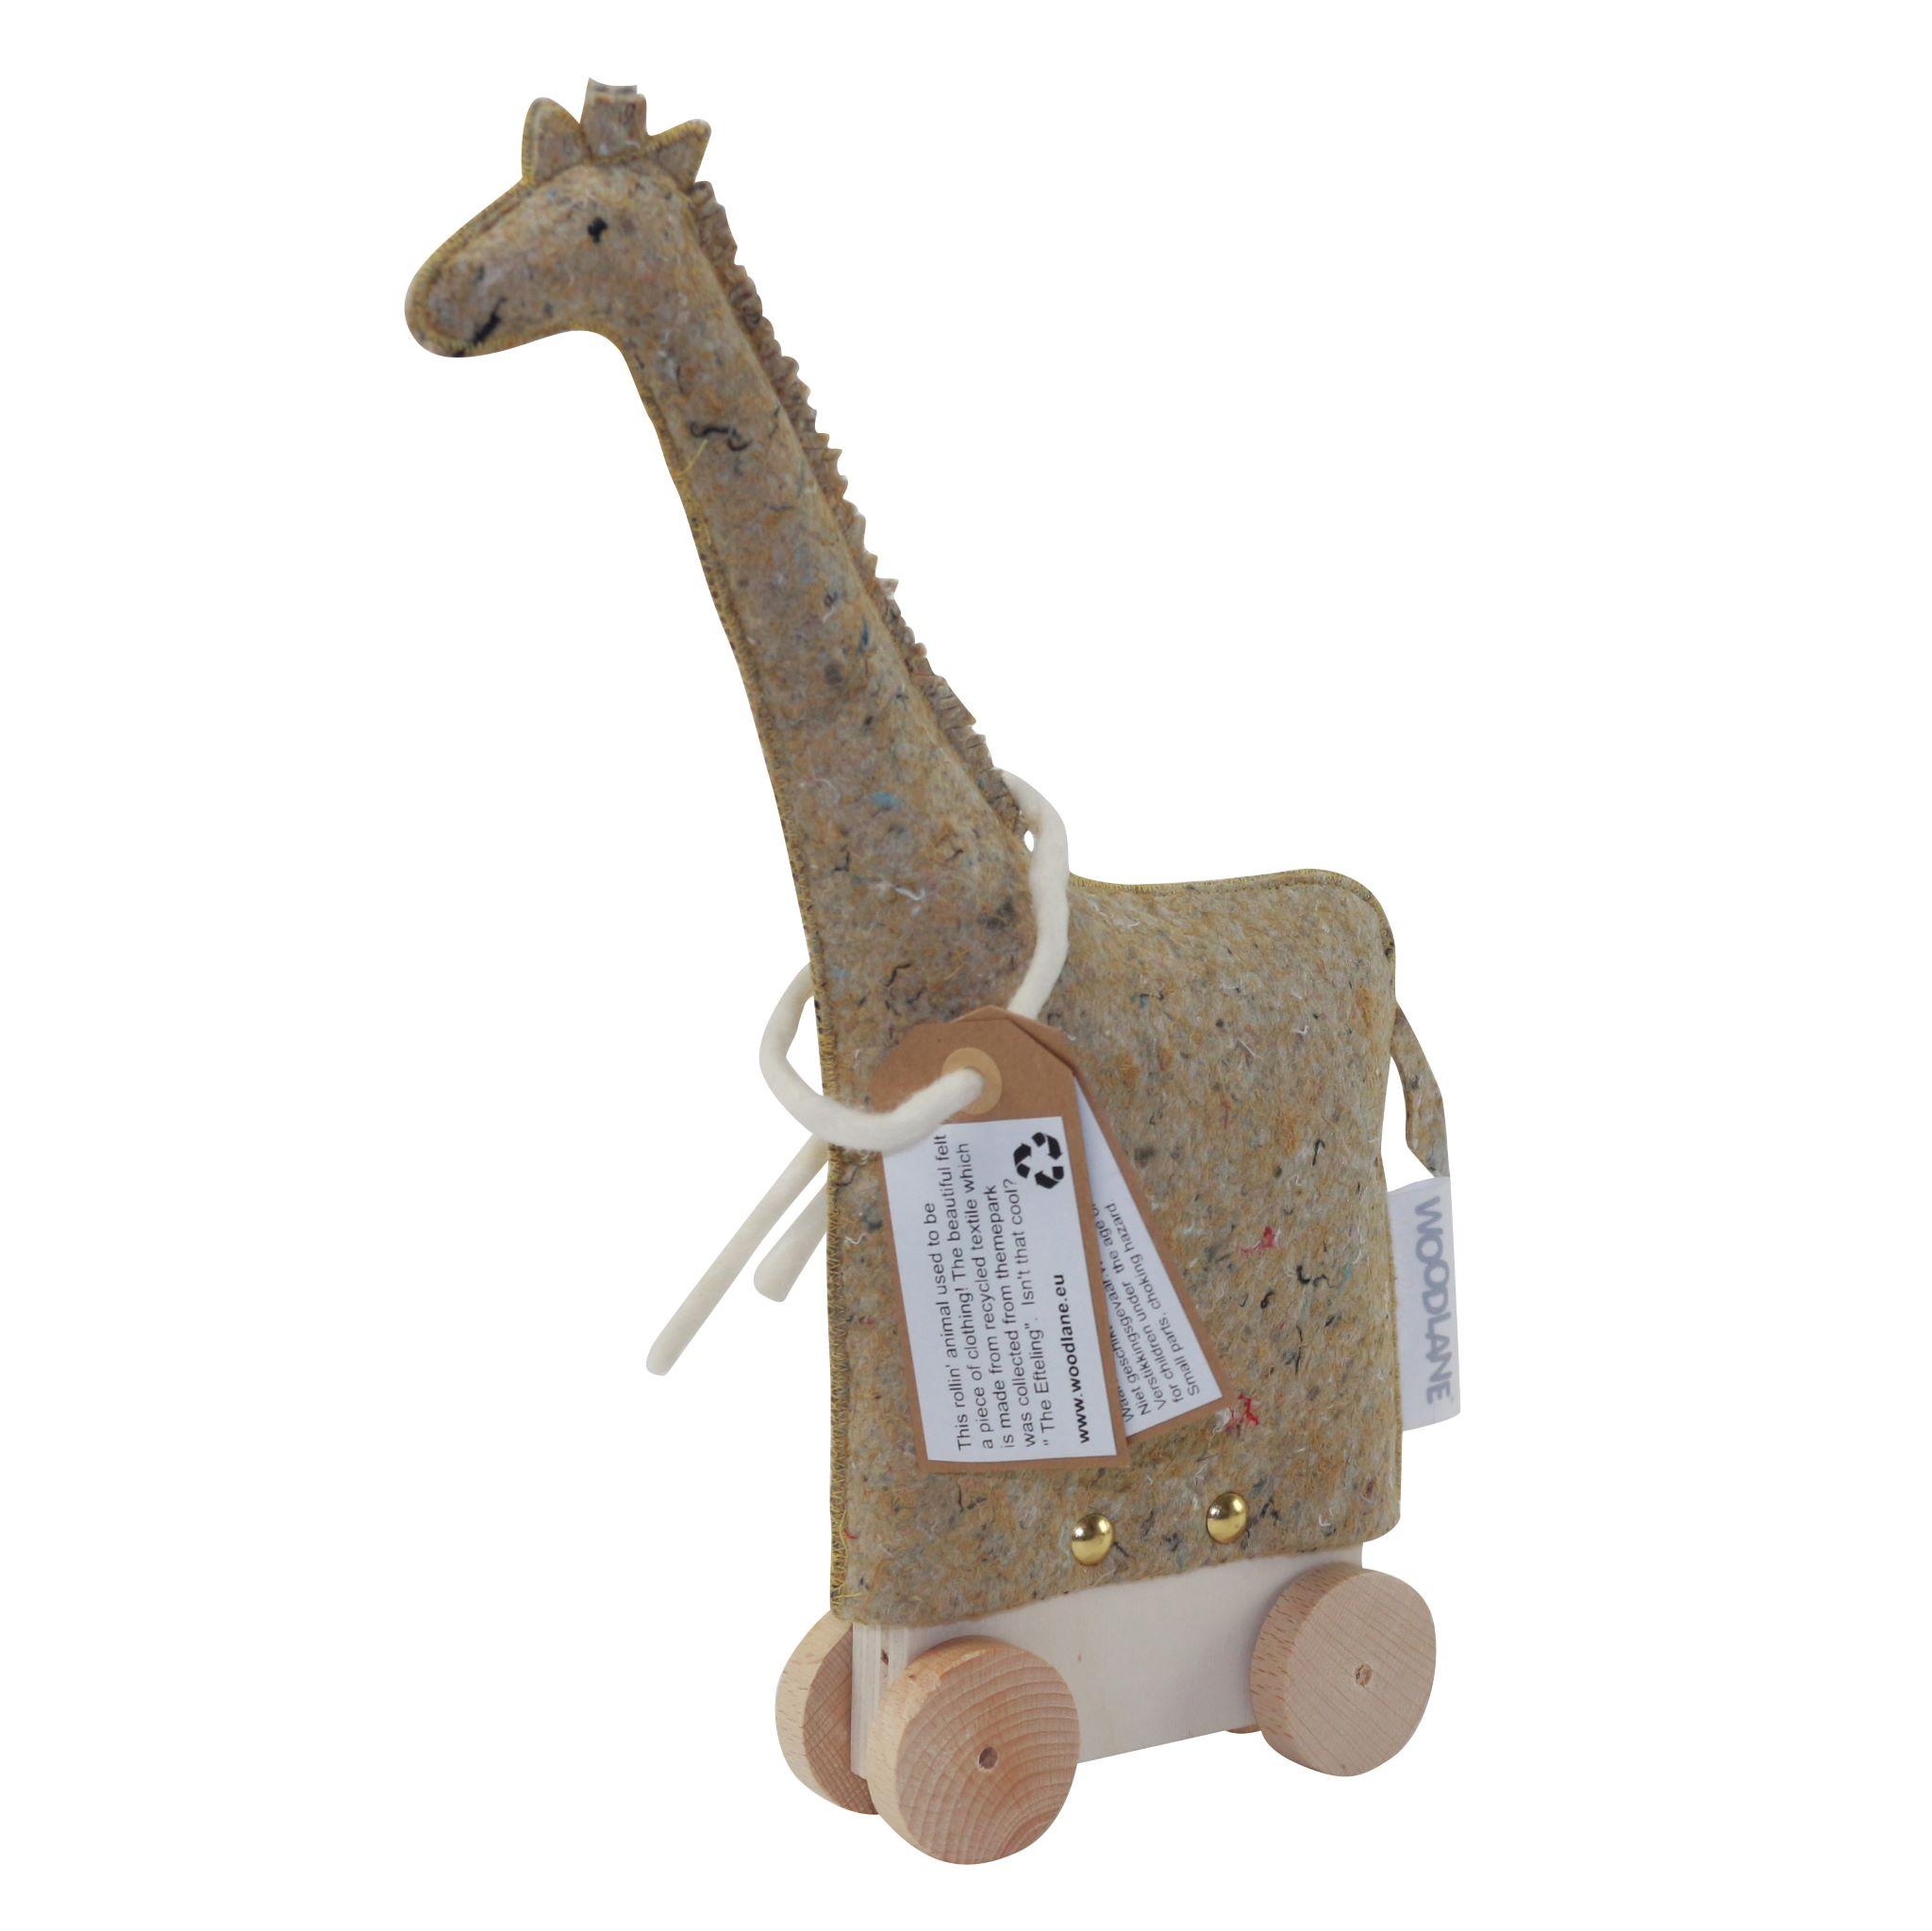 giraffelabeled